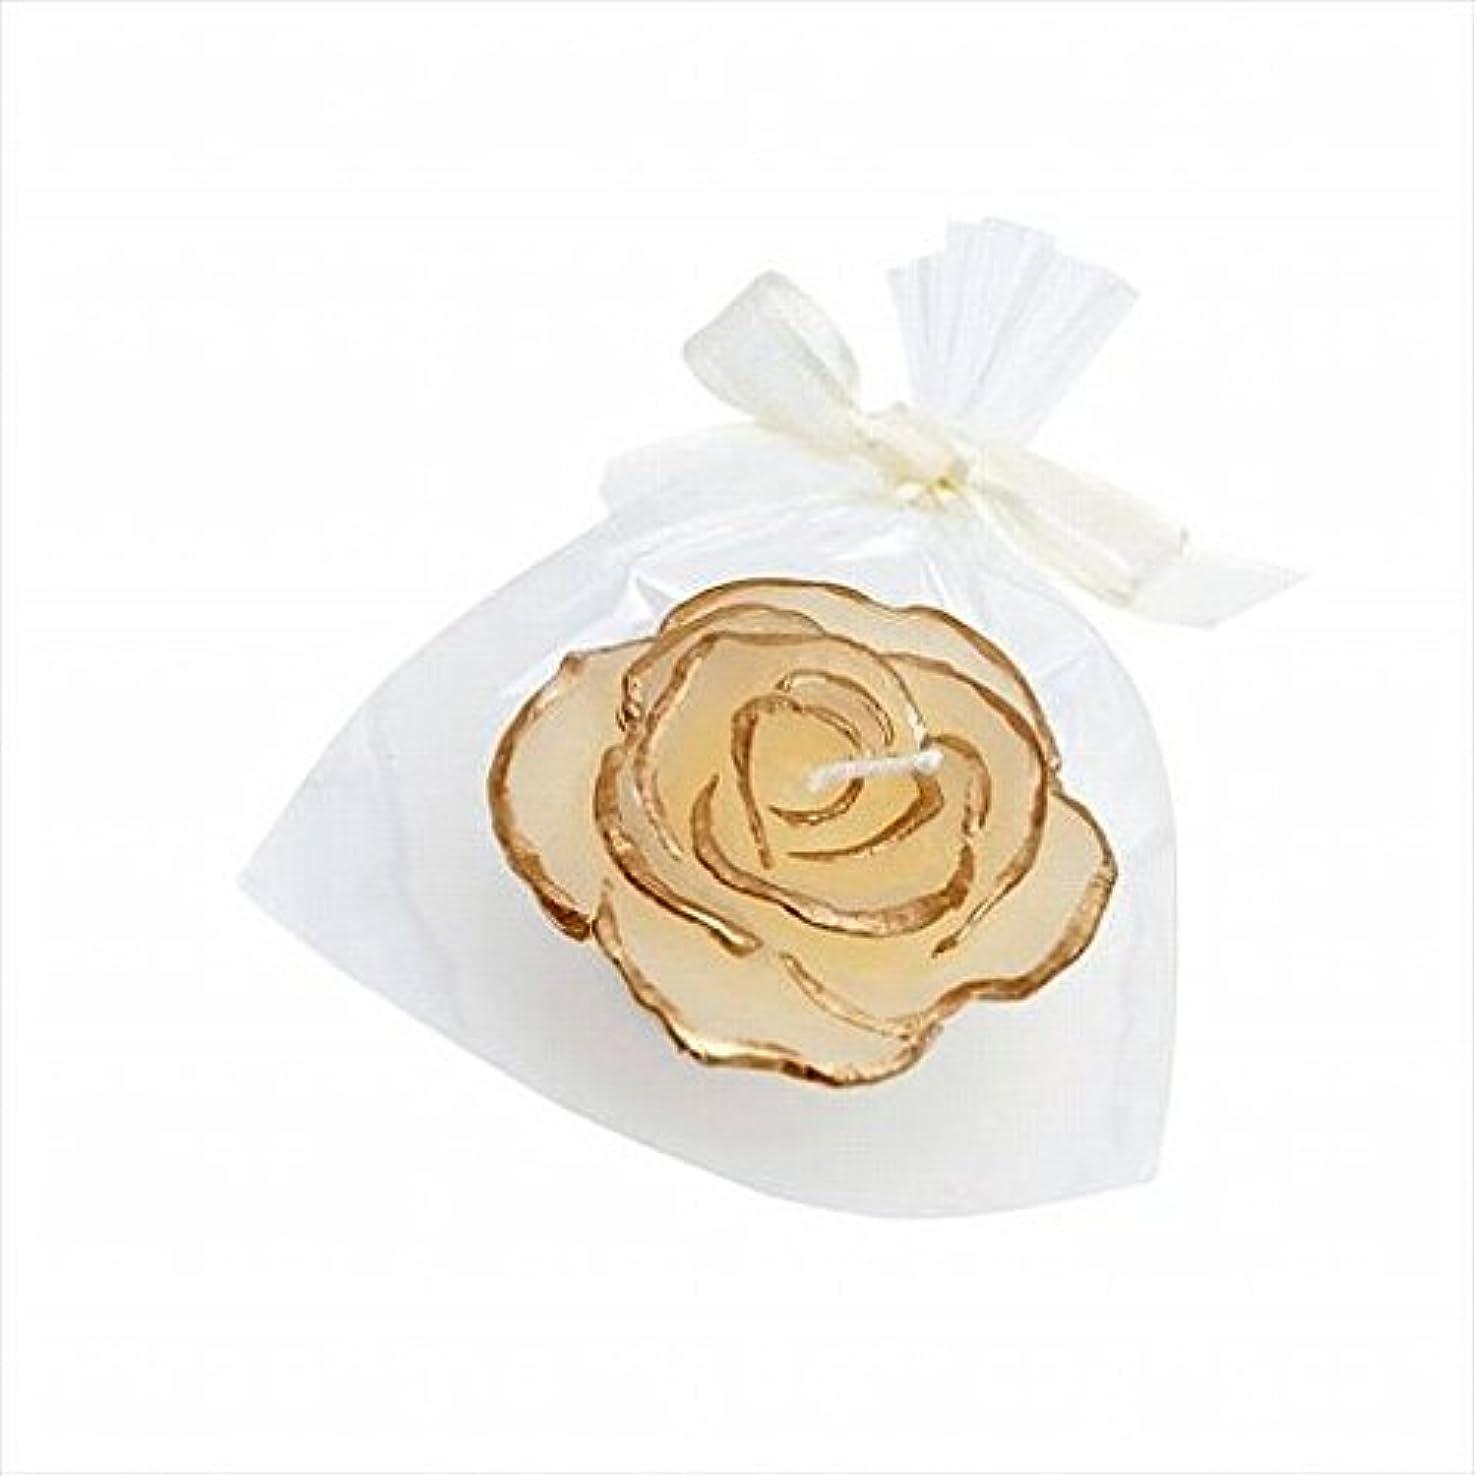 ブラインドフィット透過性kameyama candle(カメヤマキャンドル) プリンセスローズ 「 アイボリー 」(A6390500IV)